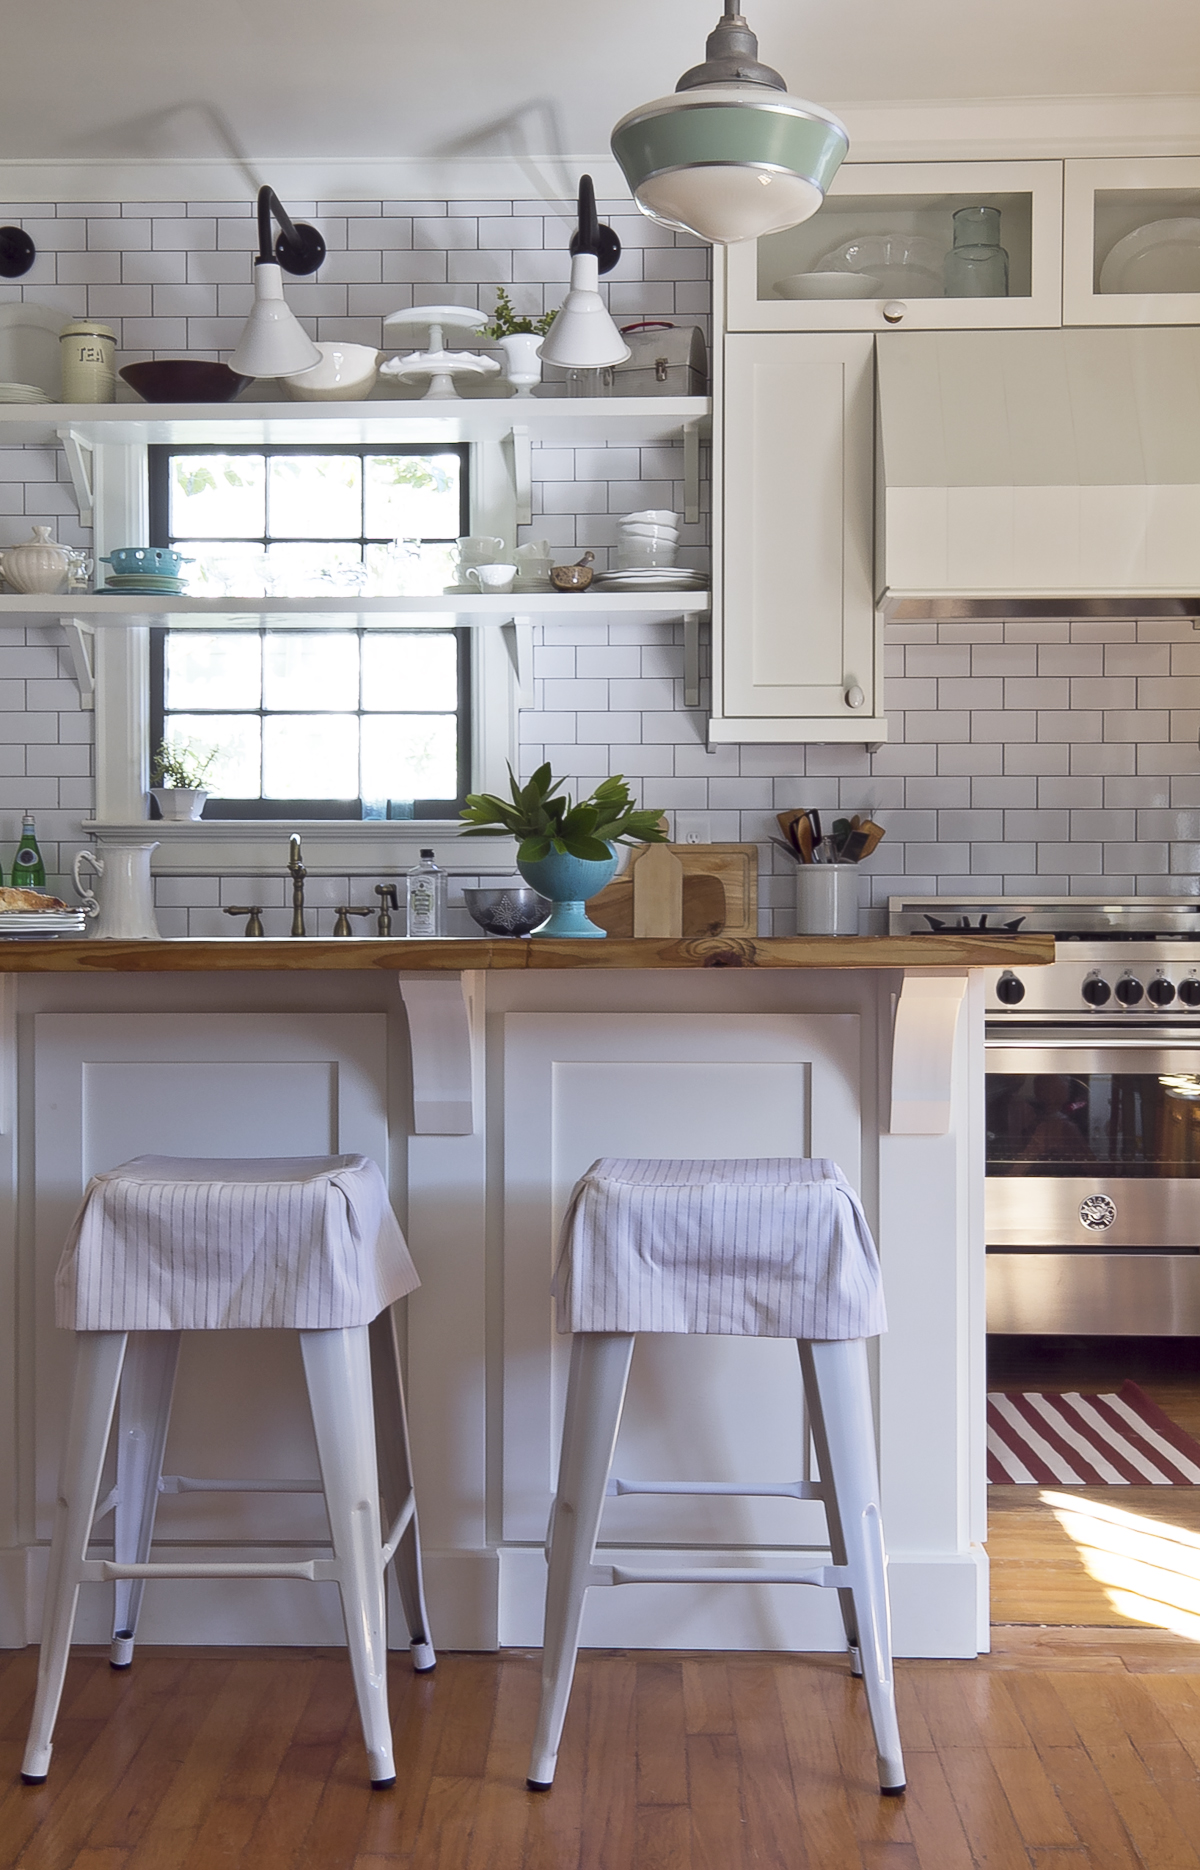 decatur kitchen 3.jpg